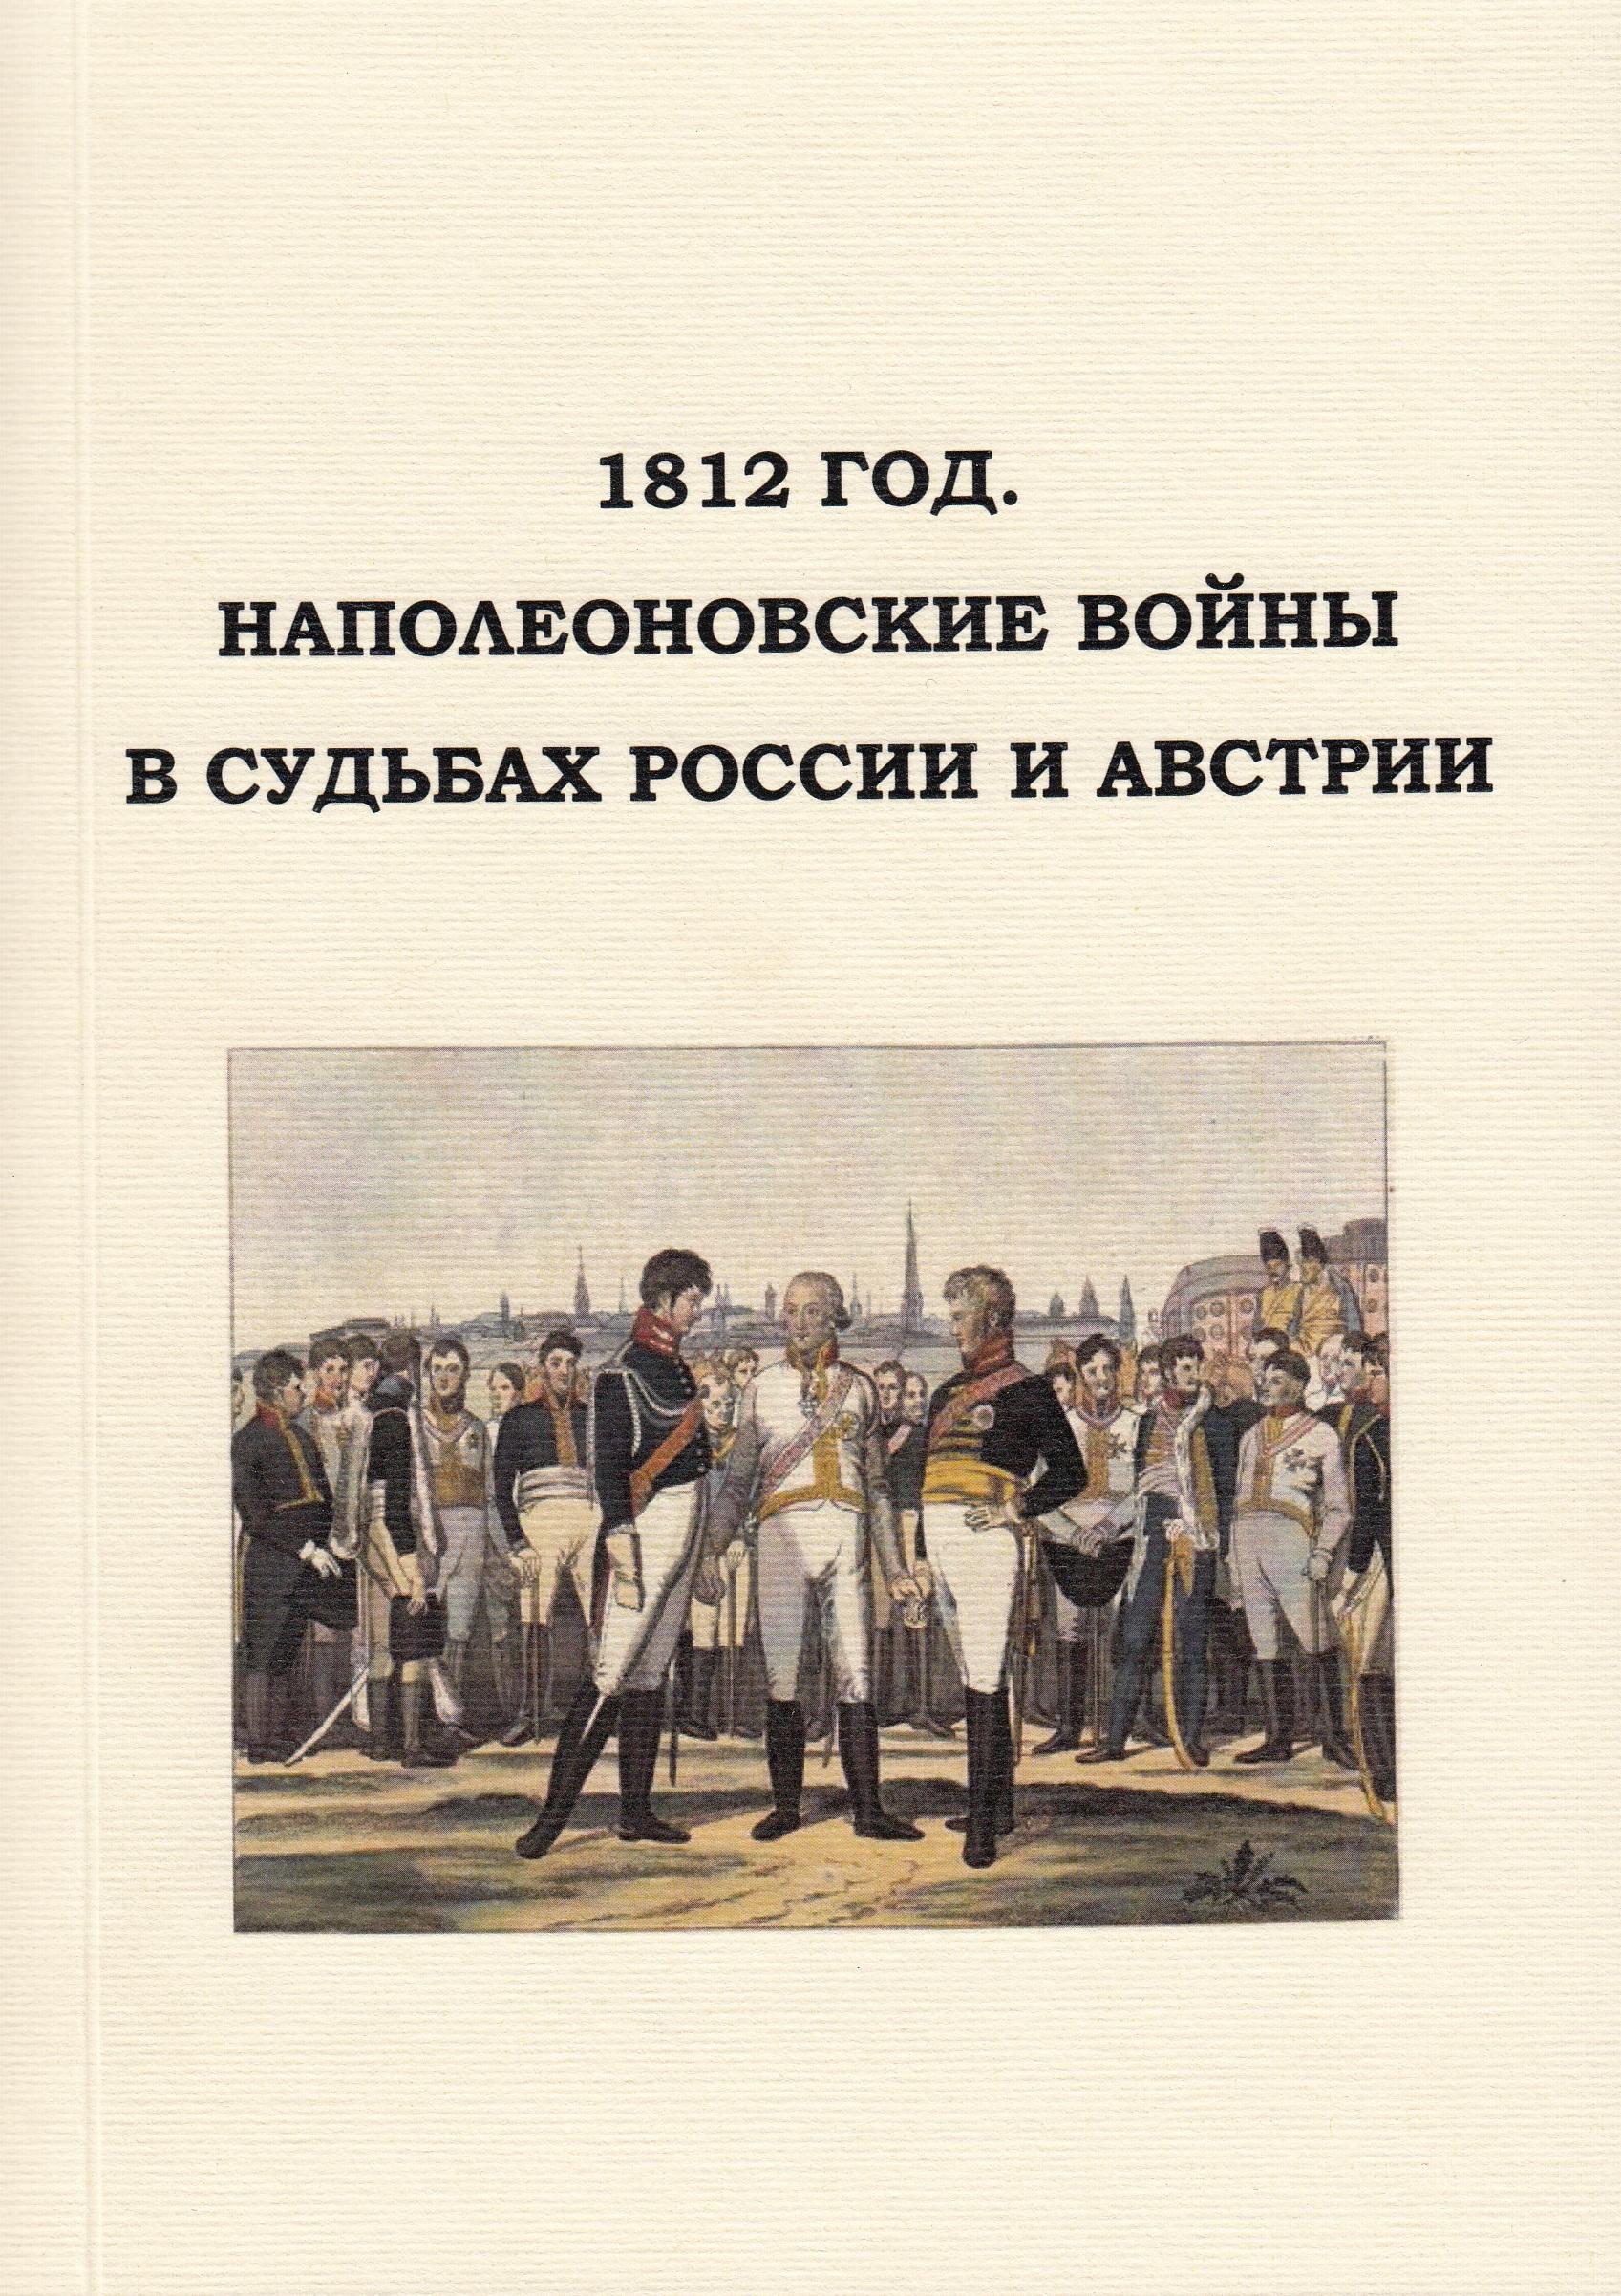 1812 год в ментальной географии Российской империи